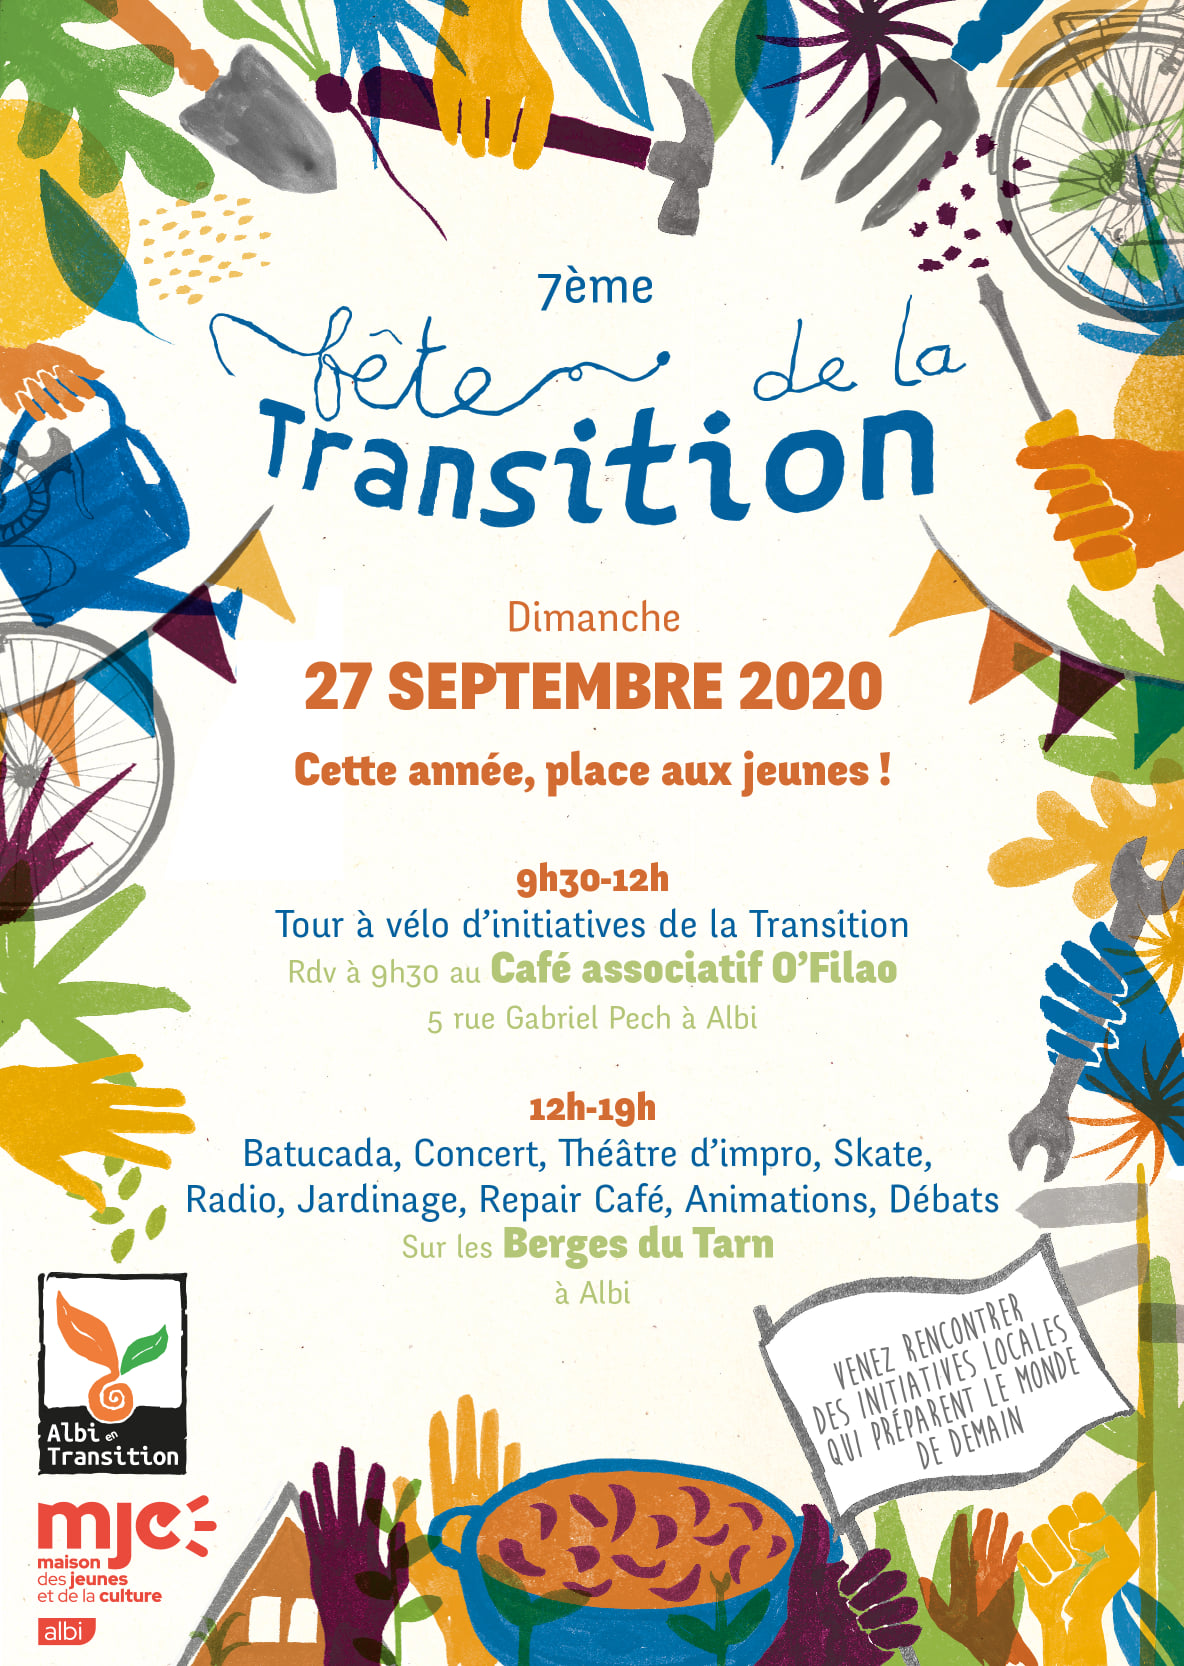 Dimanche 27 septembre : retrouvez-nous à la fête de la transition sur les berges du Tarn à Albi !